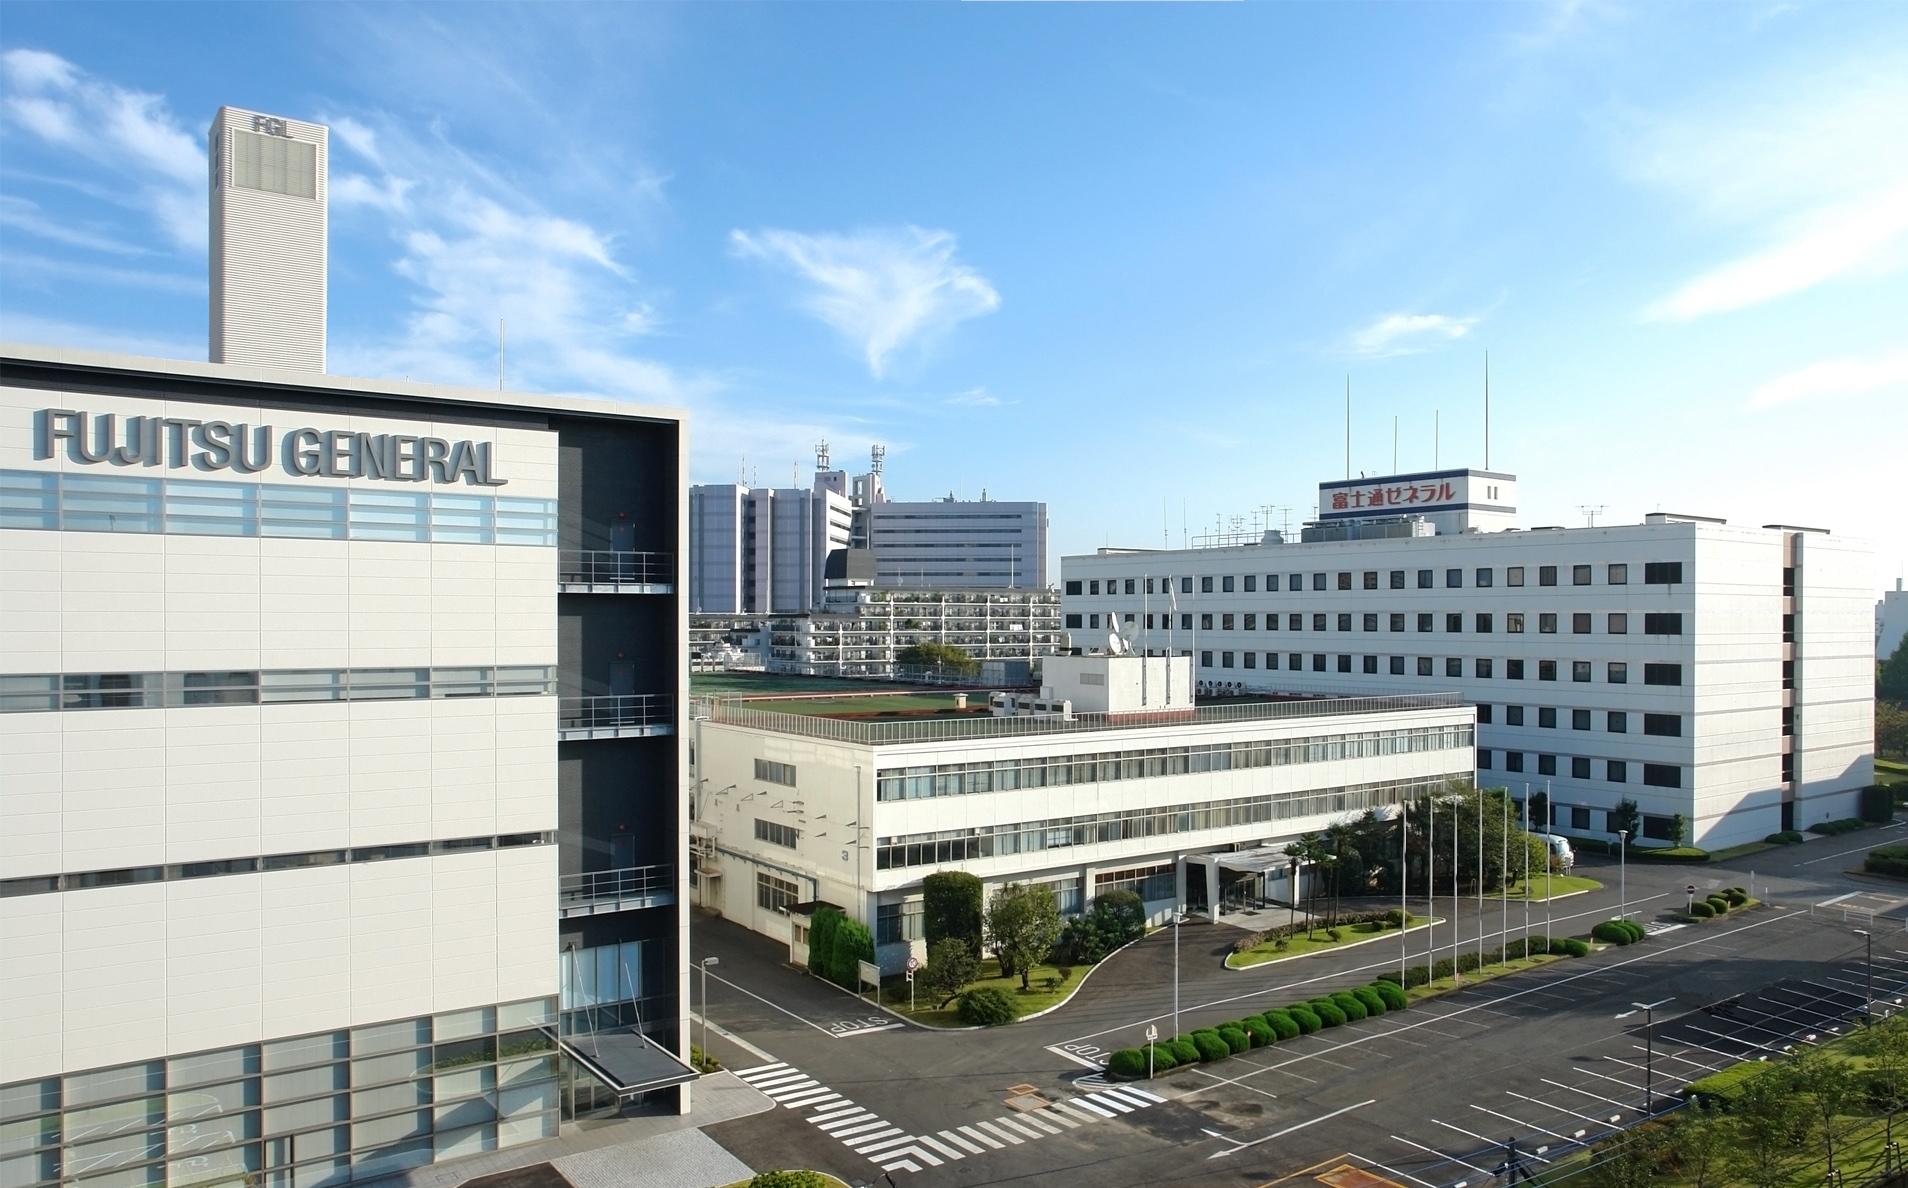 Fujitsu at a Glance